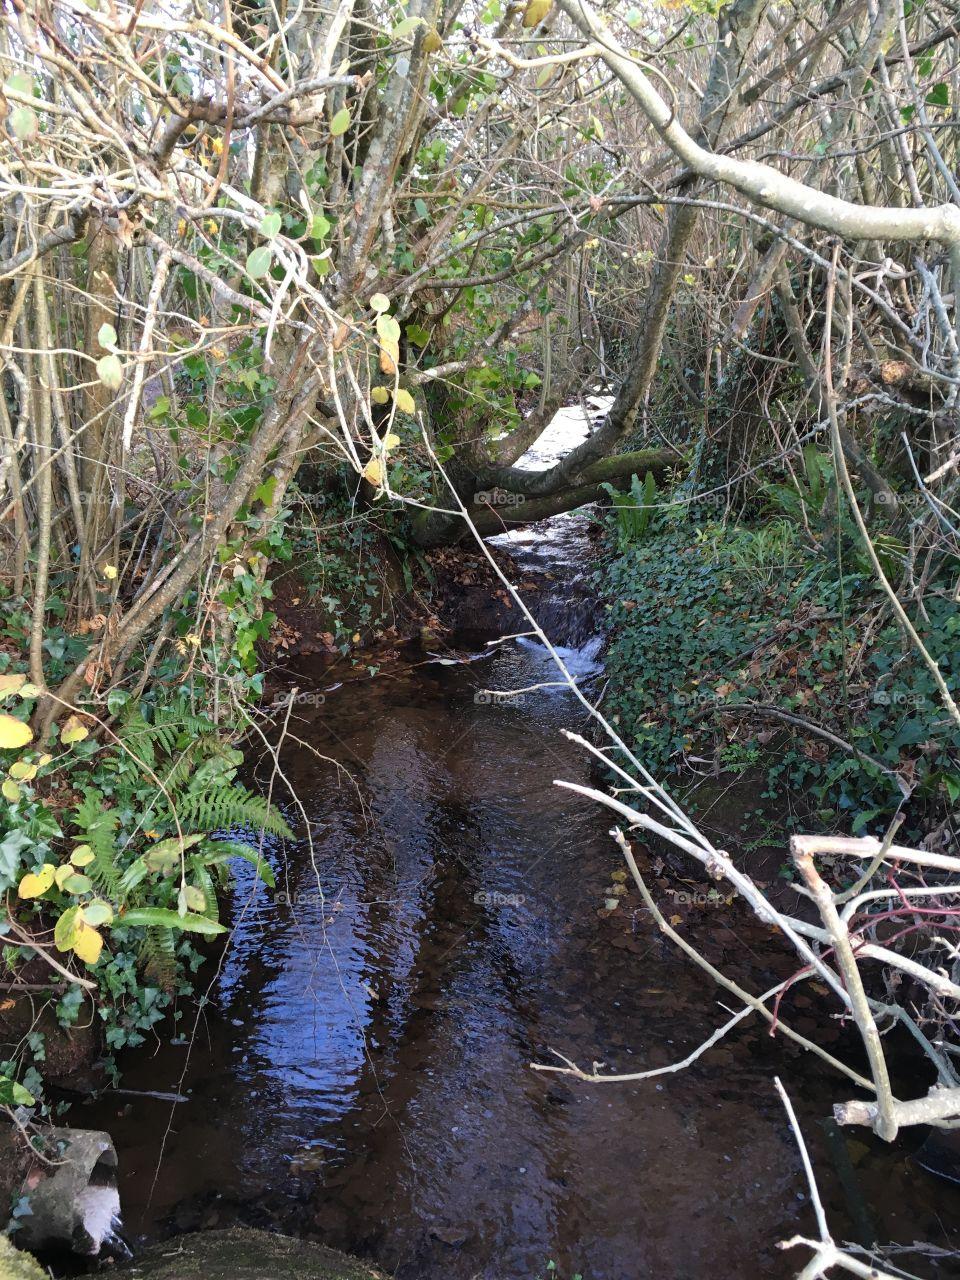 Delightful example of a Devon stream.